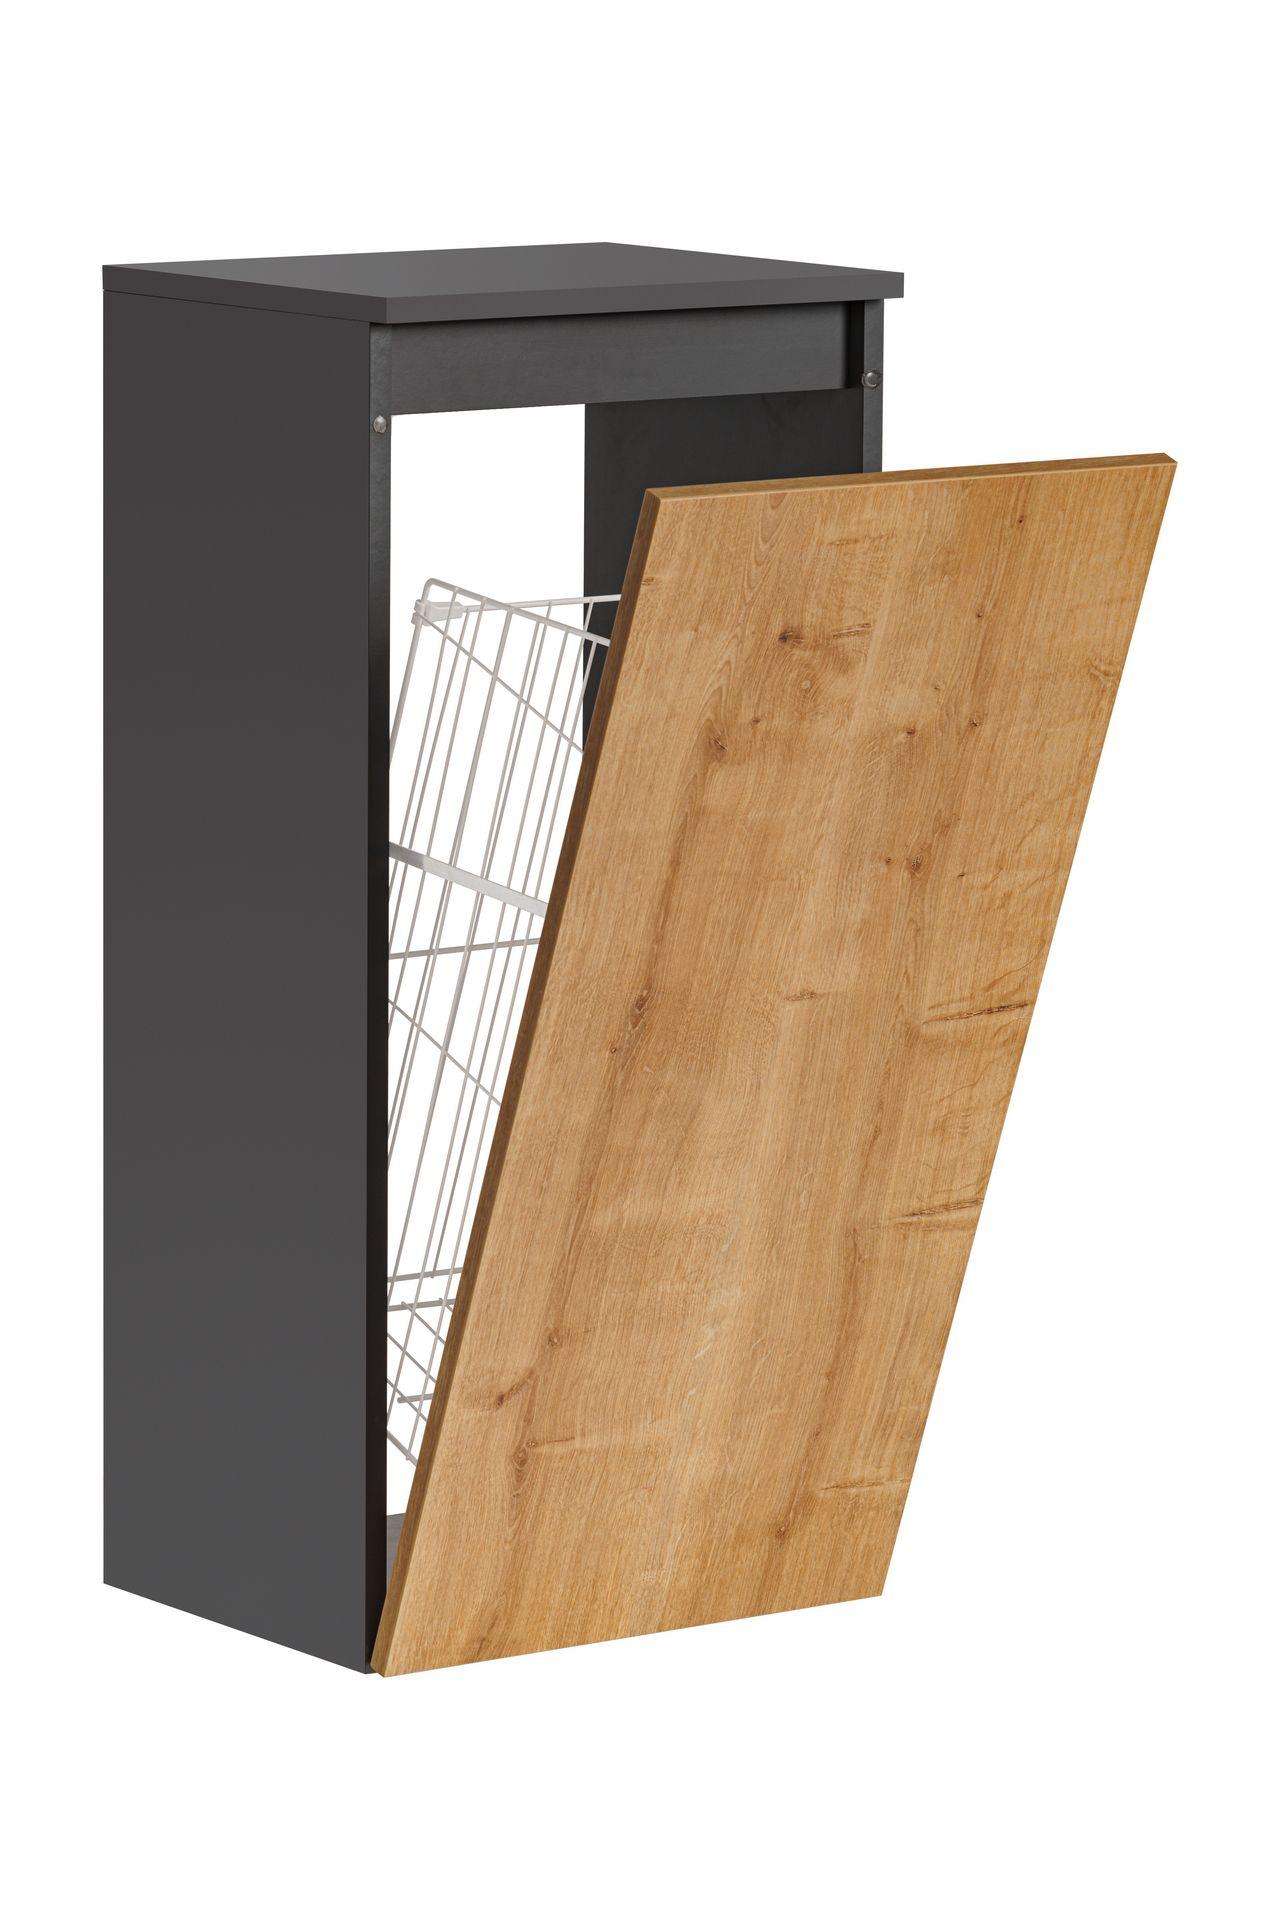 ArtCom Kúpeľňová zostava MONAKO Grey Oak Monako: Skrinka s košom 811 - 87 x 40 x 33 cm